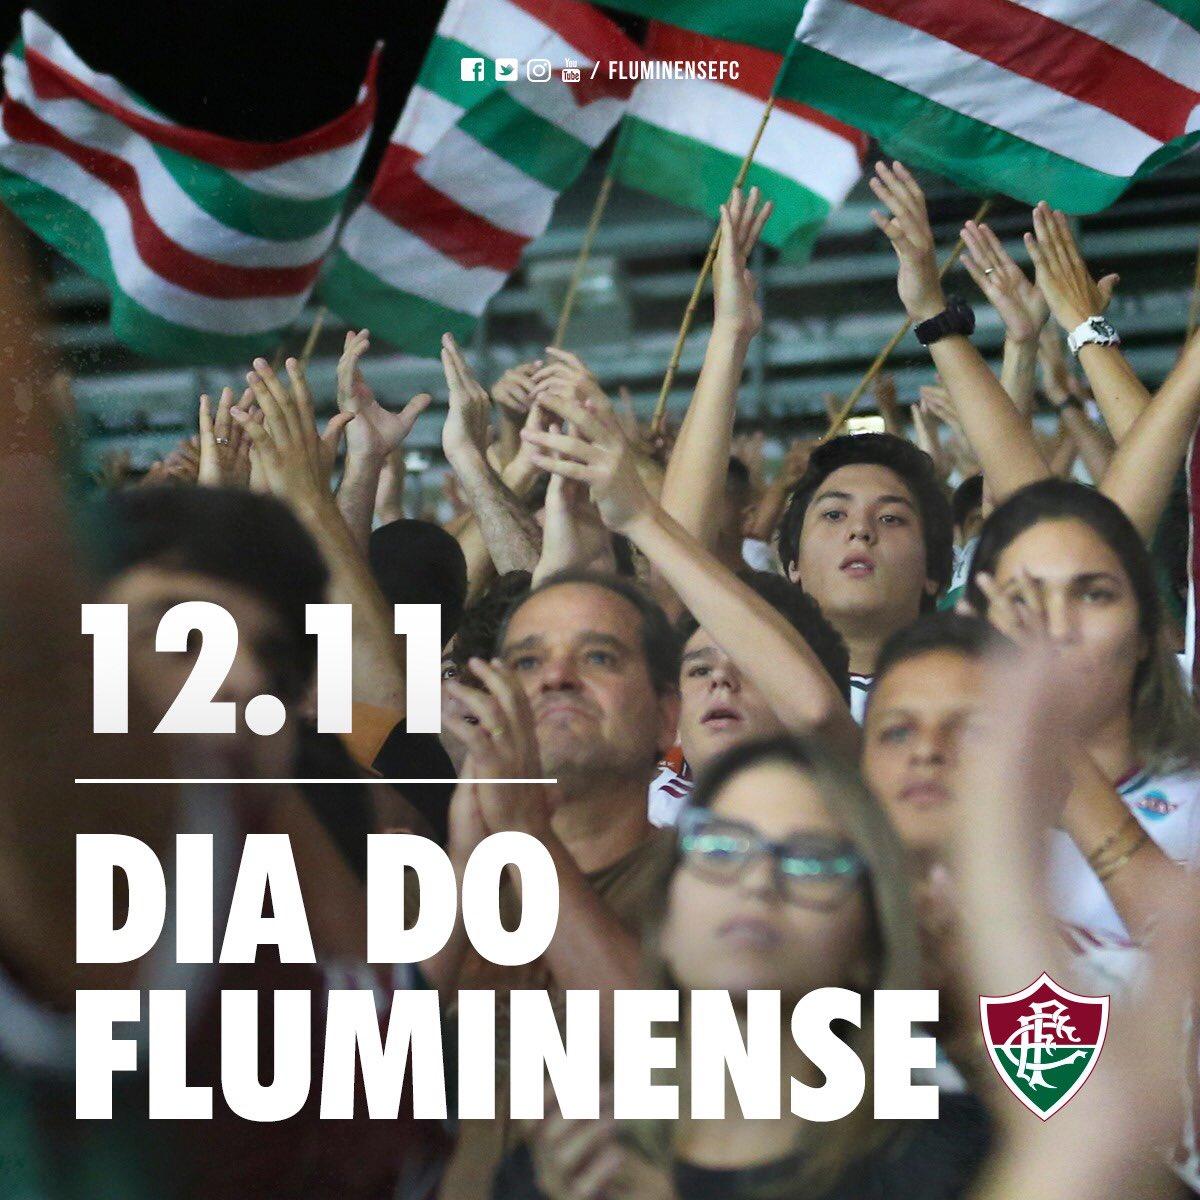 """Nelson Rodrigues, o Profeta Tricolor, disse: """"o Fluminense nasceu com a vocação da eternidade"""". Hoje, 12 de novembro, é o dia do Fluminense e dos Tricolores. Dia de celebrar o nosso clube, a nossa torcida e a nossa história. """"Tudo pode passar. Só o Tricolor não passará jamais""""."""